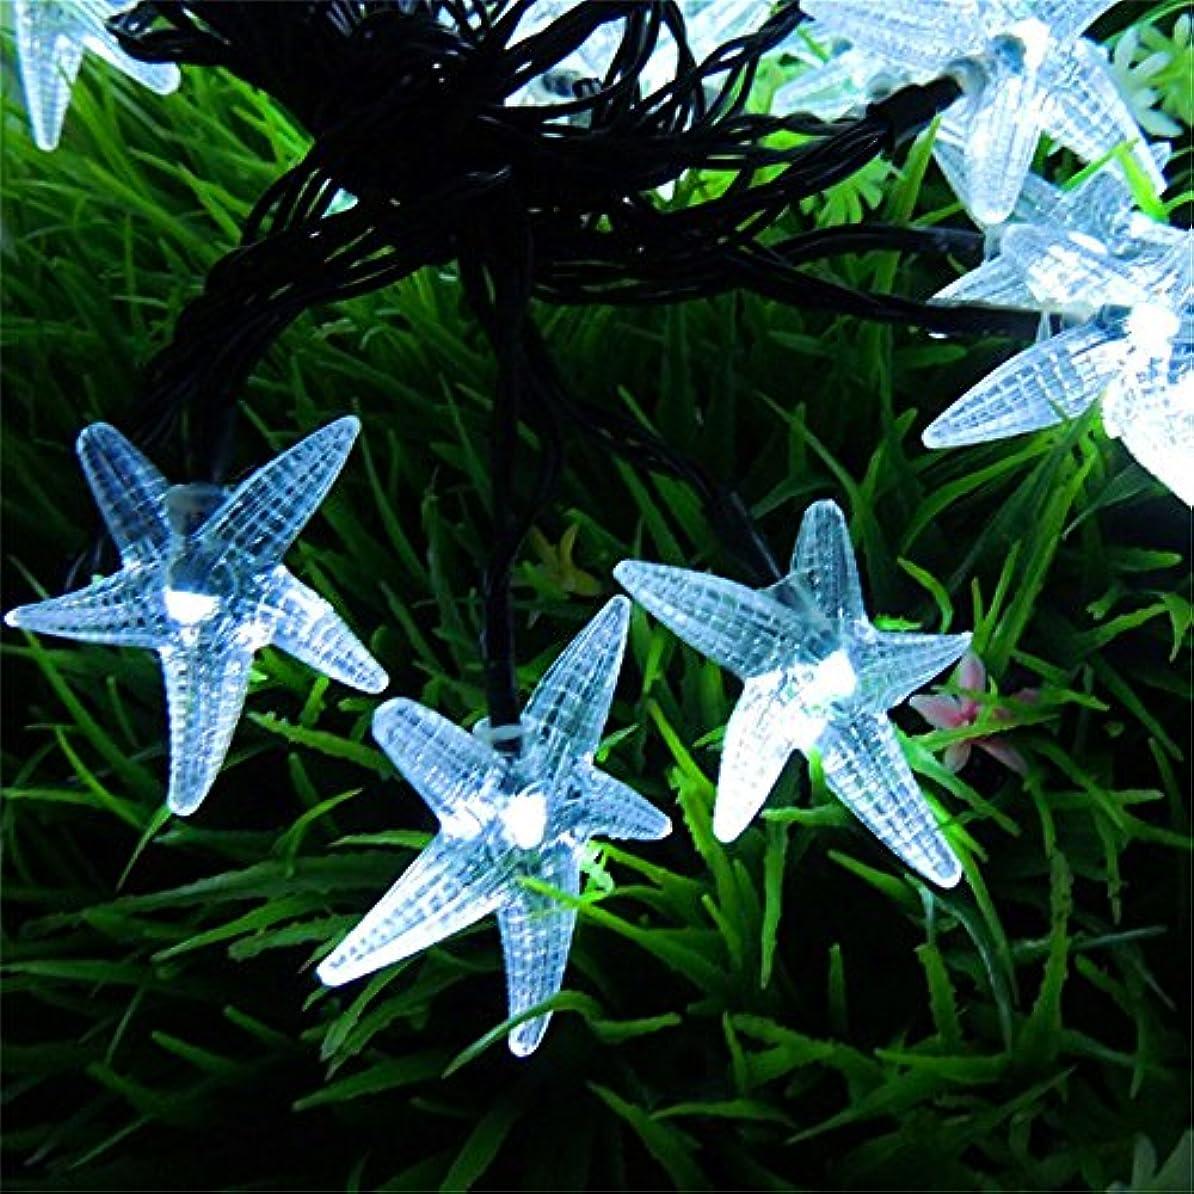 ほこり事件、出来事我慢するソーラーストリングライト、SIMPLE DO LEDライト イルミネーション クリスマス パーティー 防水 省エネ 環境に優しい 使いやすい カラフル(ホワイト)